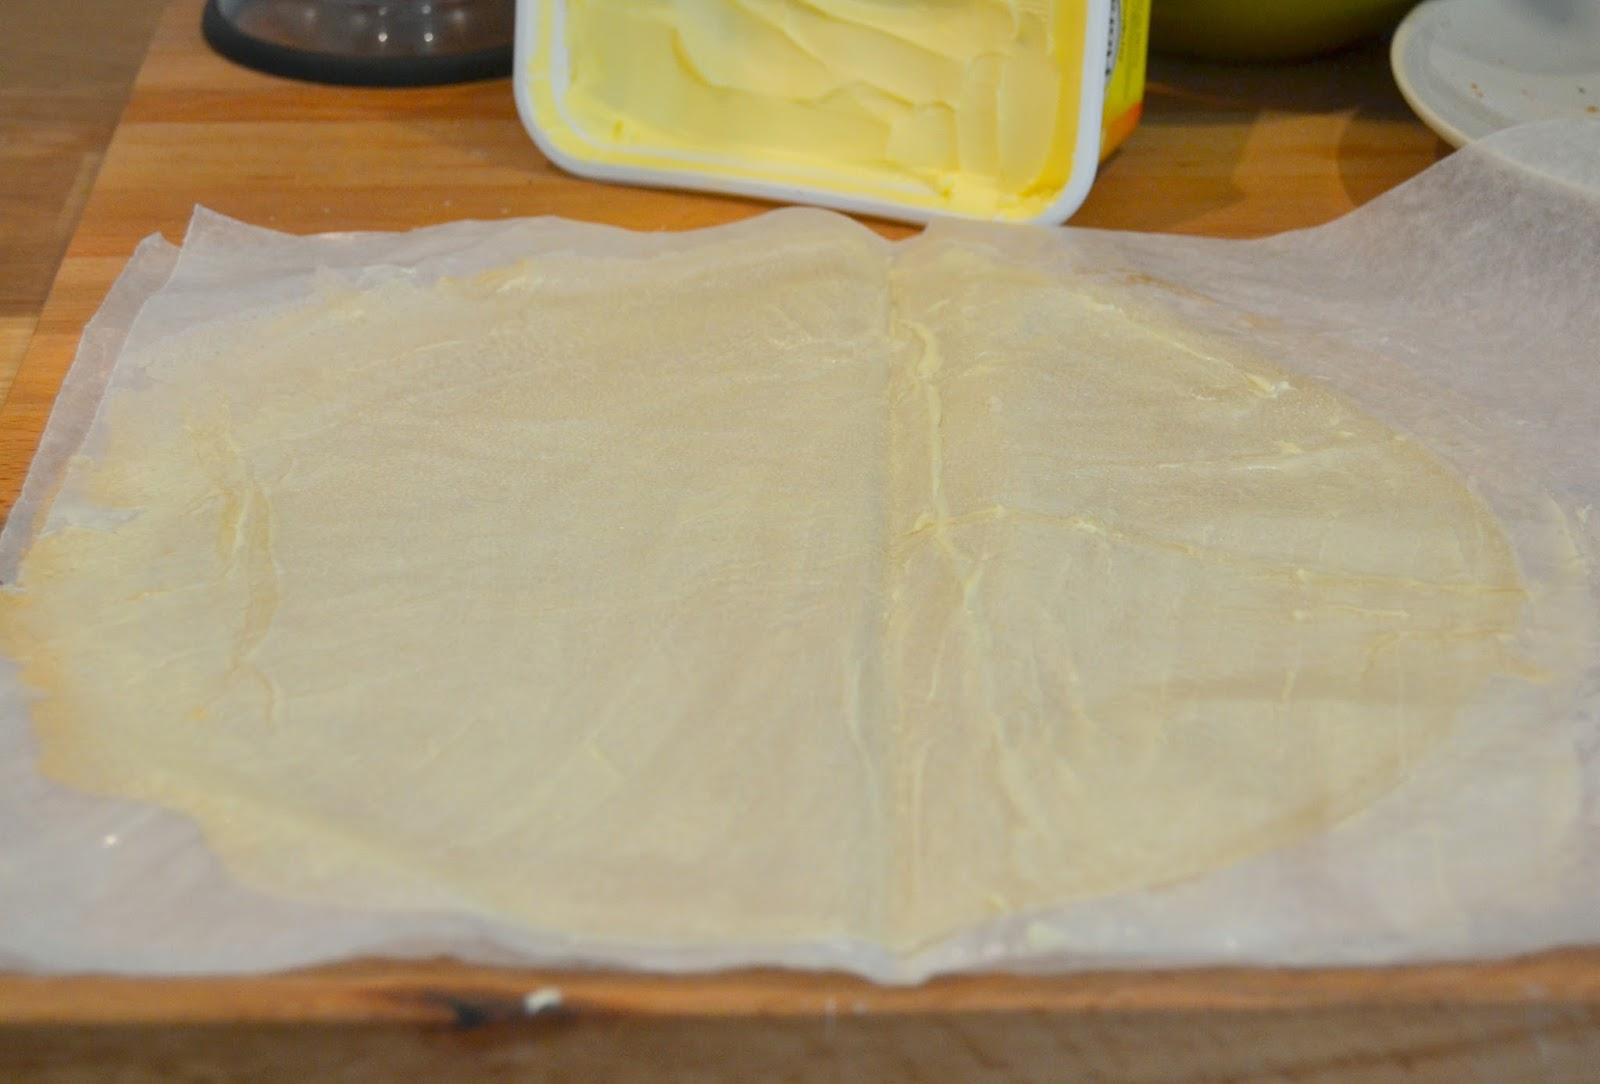 Receta casera de pastela marroquí. Pastelas morunas o arabes de pollo con frutos secos y pasta brick o filo. Fácil, rápido.